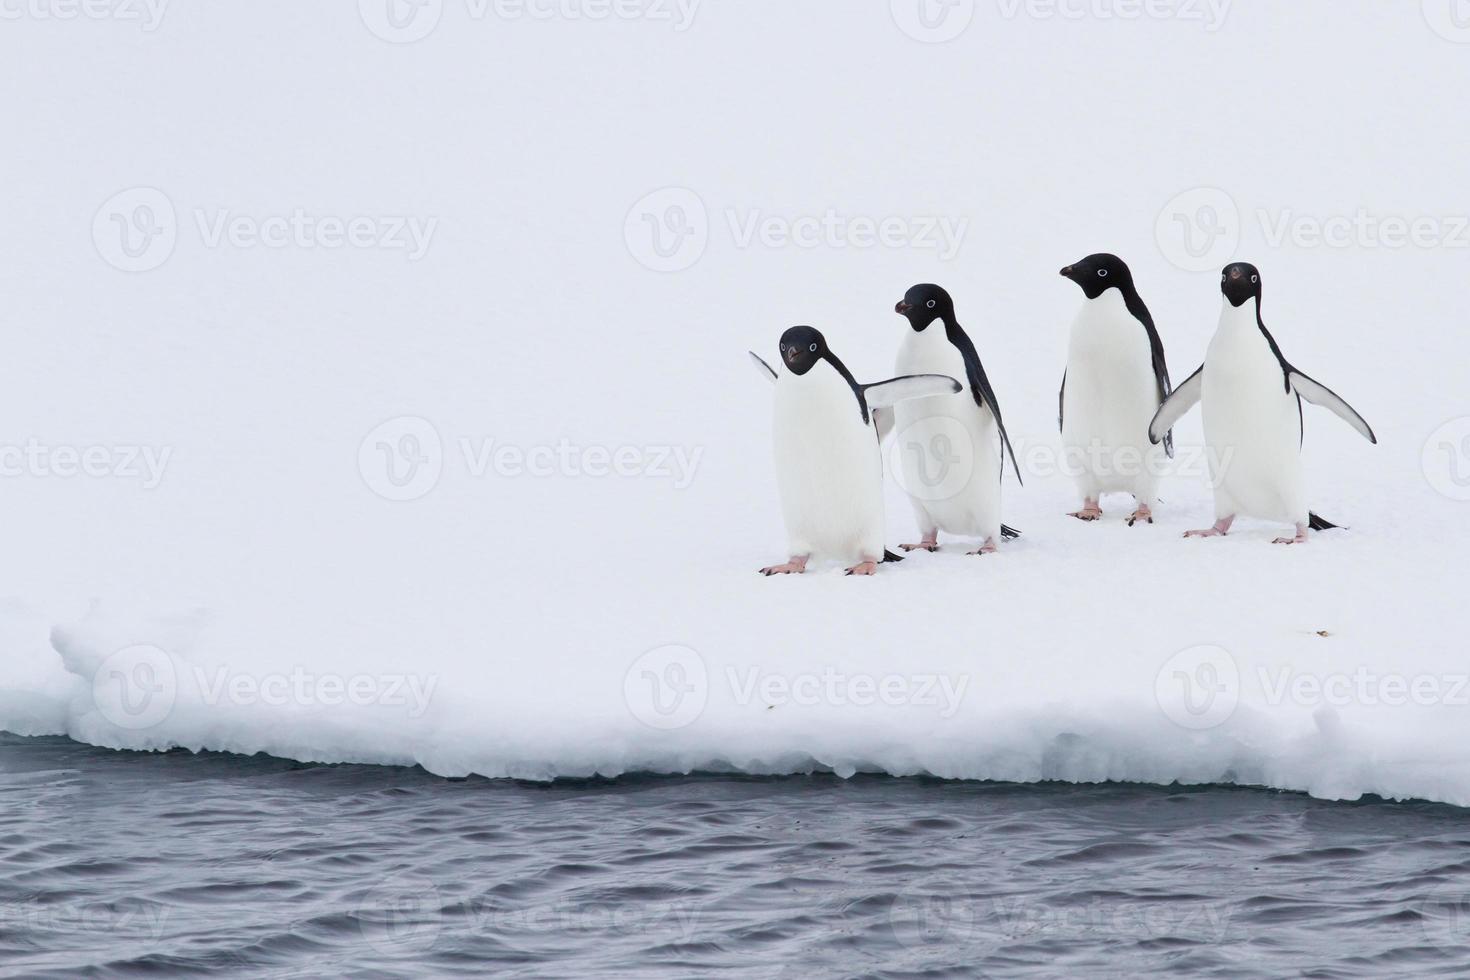 grupp adeliepingviner på isen nära öppet vatten foto